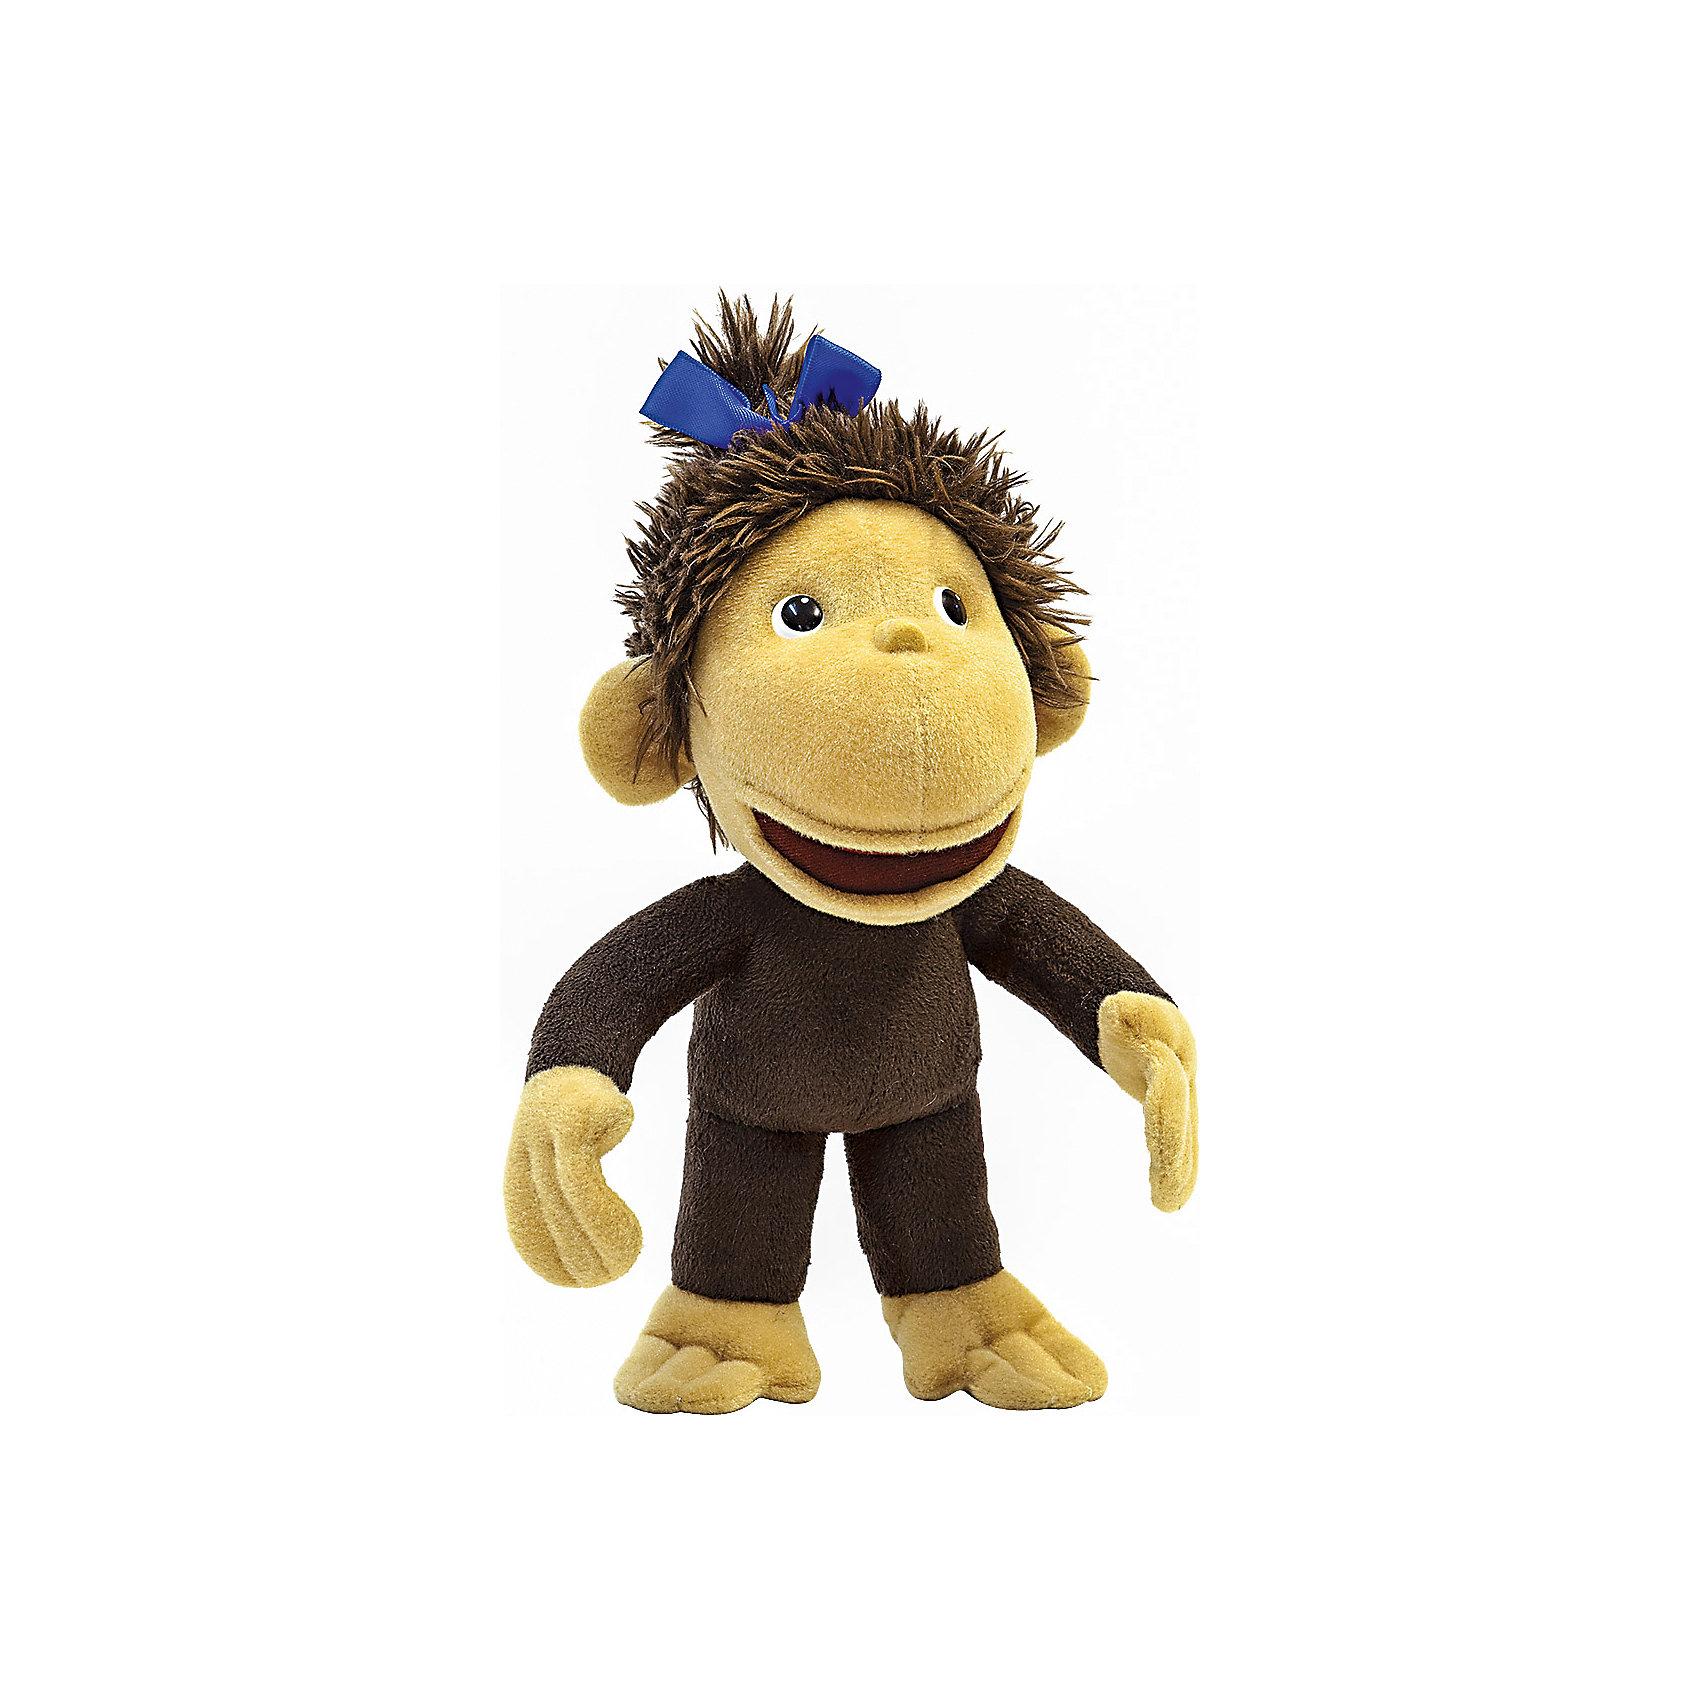 Мягкая игрушка Мартышка, 38 попугаев, 21 смОзорная мартышка из известного мультфильма обязательно понравится детям. Она споет малышам песенку или же просто развеселит разговорами. Игрушка выполнена из высококачественных гипоаллергенны материалов безопасных для детей. <br><br>Дополнительная информация:<br><br>- Материал: искусственный мех, текстиль, пластик, синтепон.<br>- Высота: 28 см.<br>- Звуковые эффекты: 1 песенка, 6 фраз. <br><br>Мягкую игрушку Мартышка, 38 попугаев, можно купить в нашем магазине.<br><br>Ширина мм: 90<br>Глубина мм: 100<br>Высота мм: 220<br>Вес г: 125<br>Возраст от месяцев: 36<br>Возраст до месяцев: 72<br>Пол: Унисекс<br>Возраст: Детский<br>SKU: 4221624